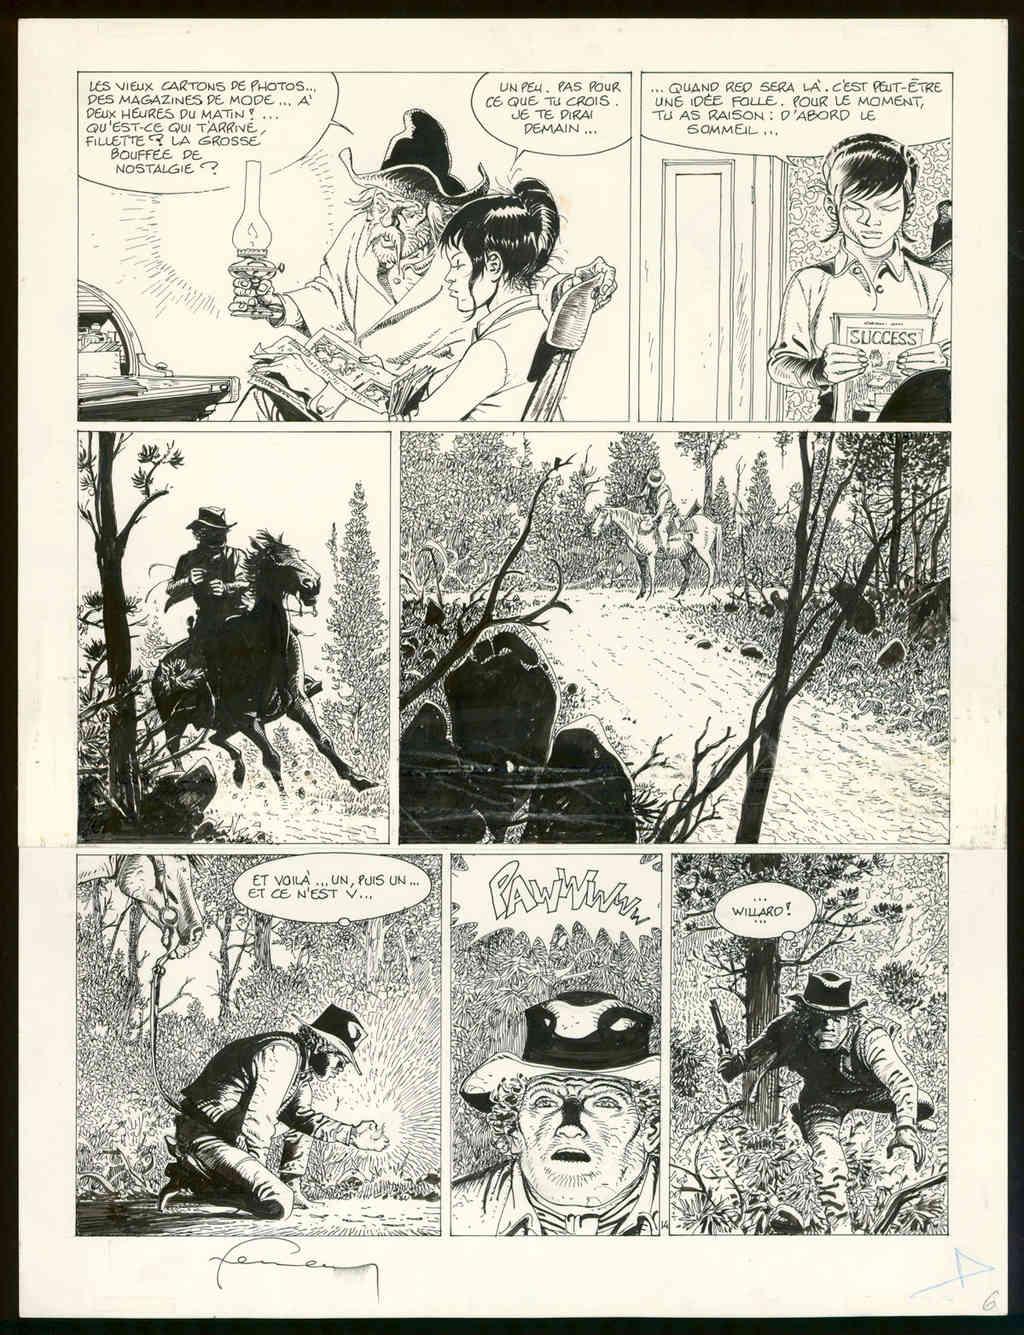 Hermann le dessinateur sans limite - Page 15 Herman10